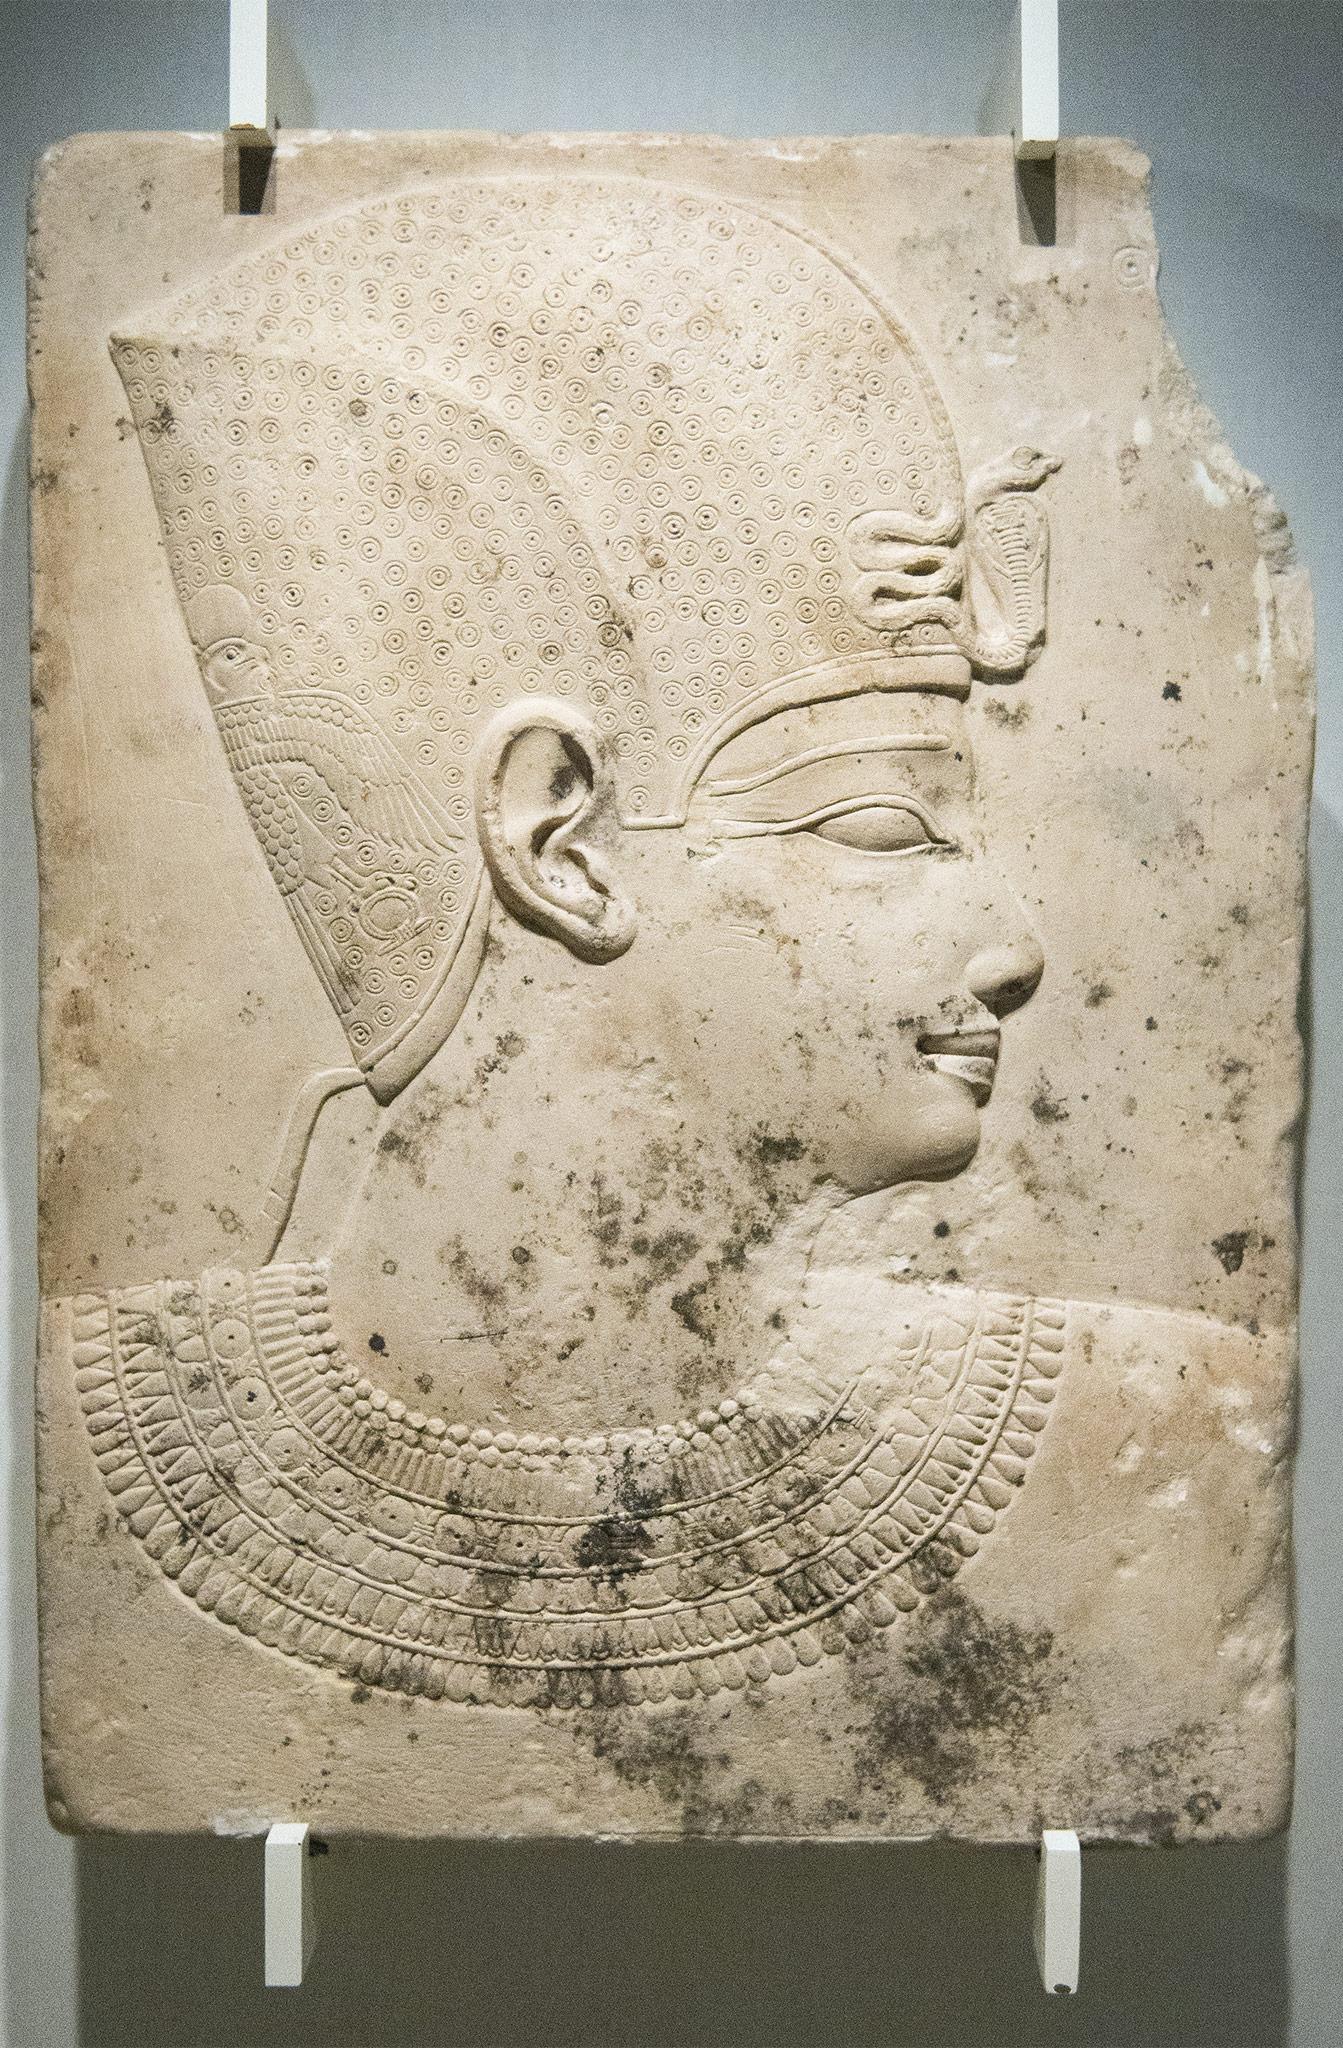 Bas-relief d'un pharaon - Égypte, Époque Gréco-romaine, début de lq dynastie ptolémaïque (vers 300-250 av. J.-C.) Calcaire fin. Musée Calouste Gulbenkian - Lisbonne